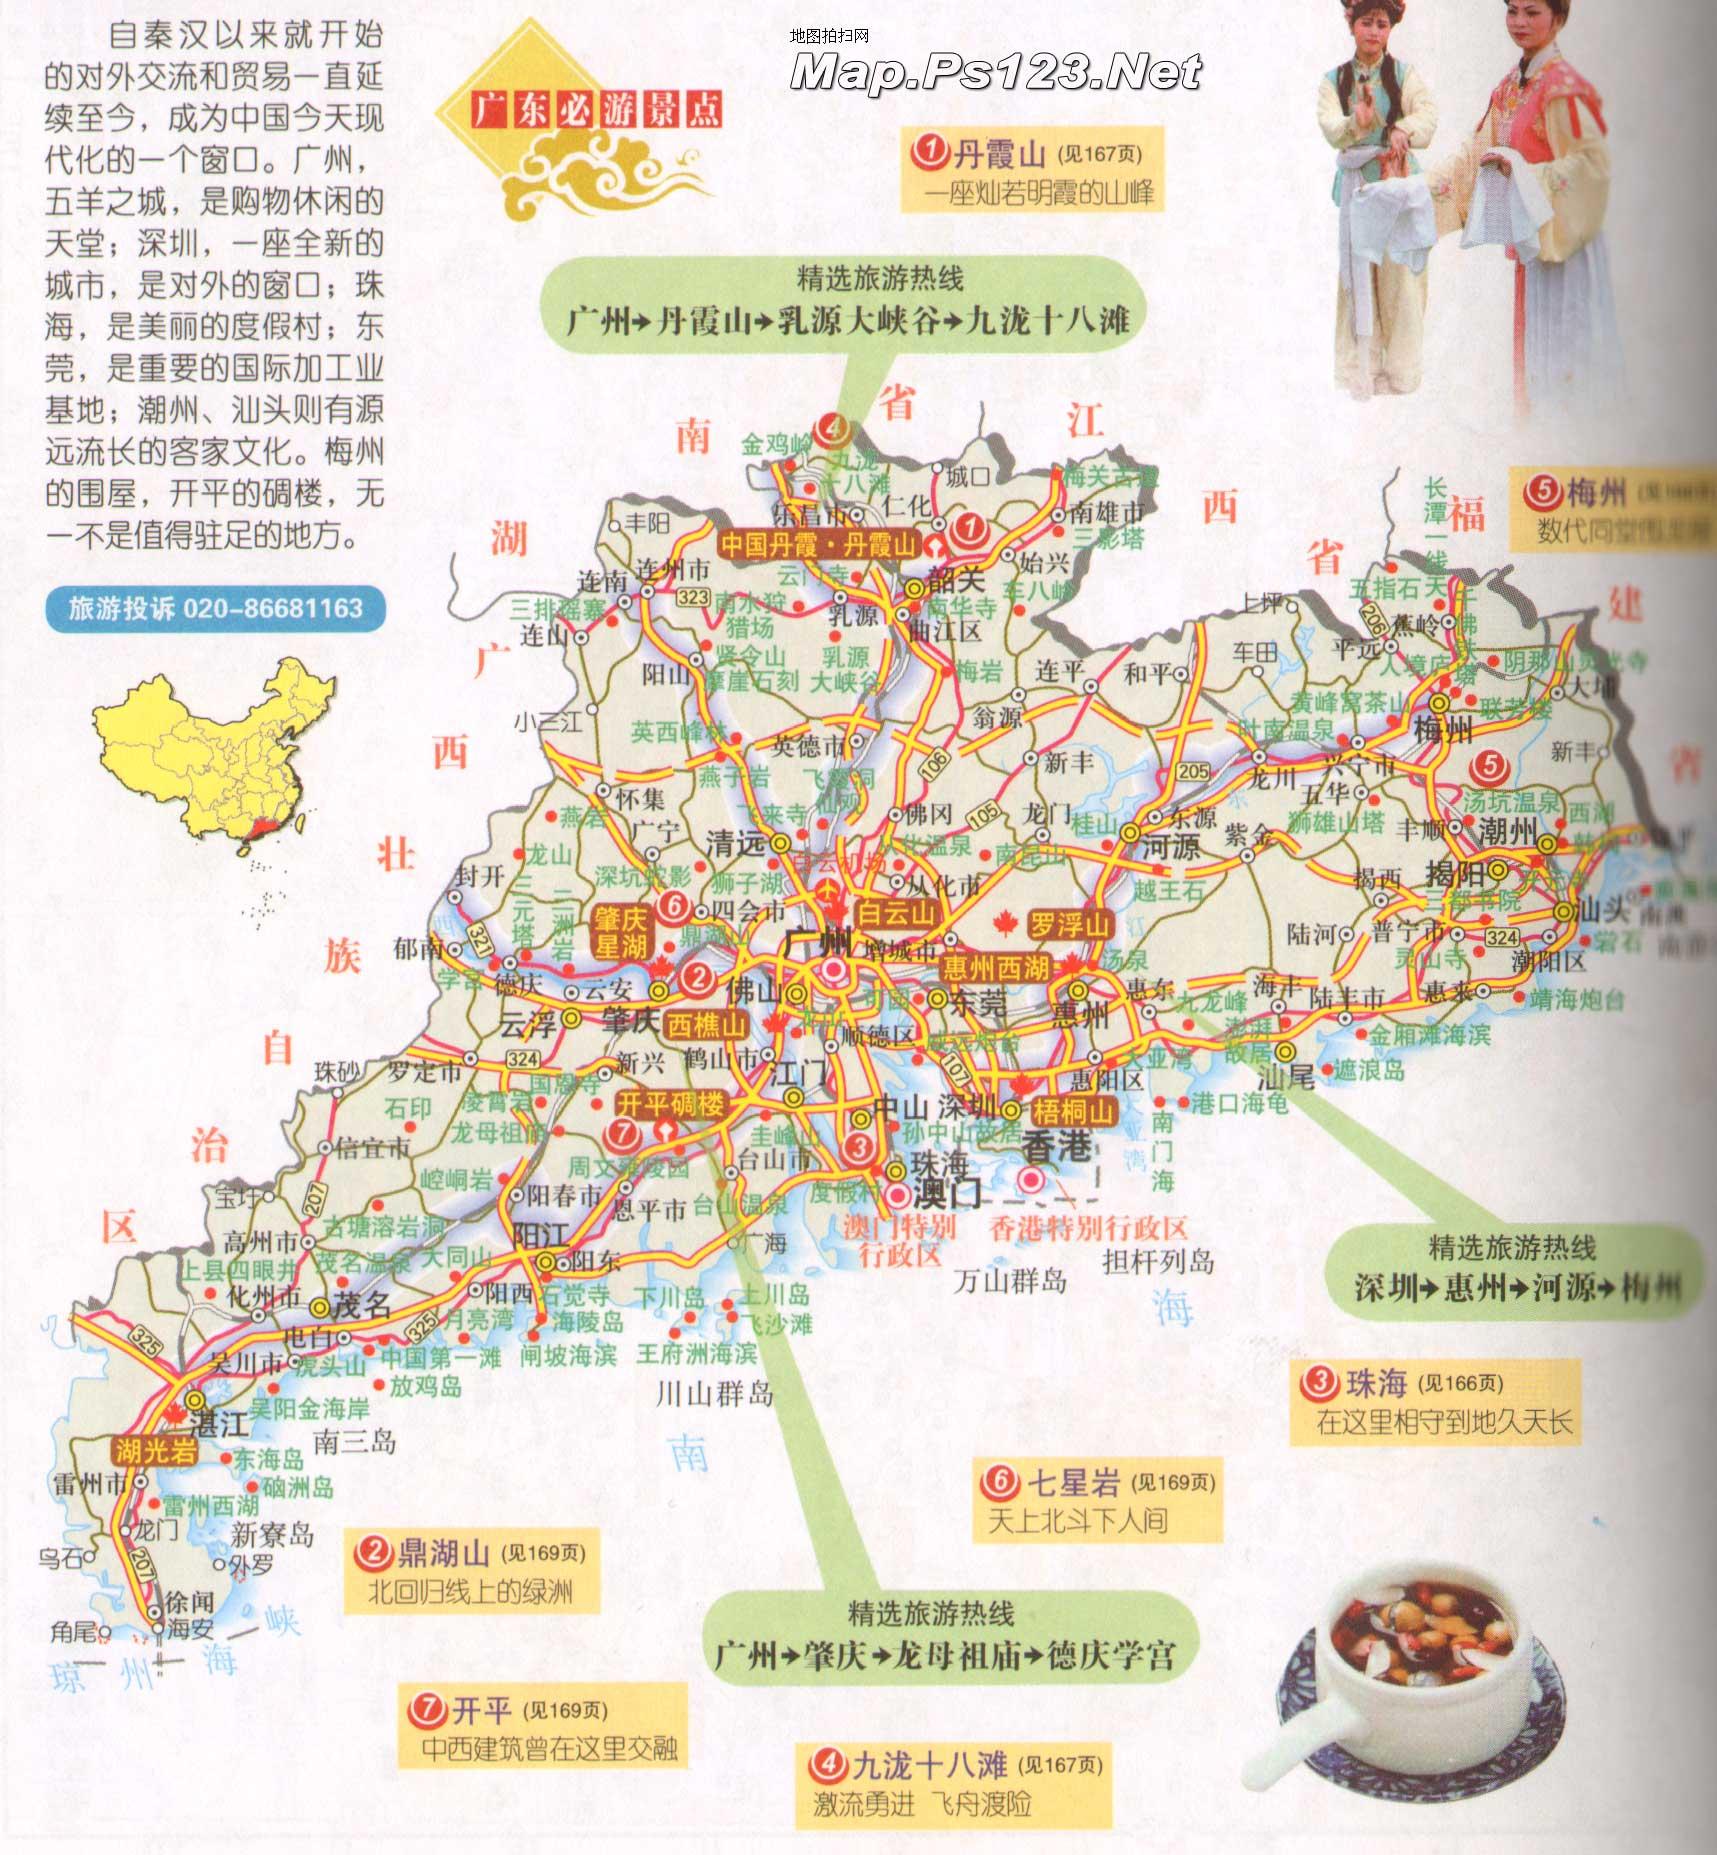 广东旅游地图(必游景点)